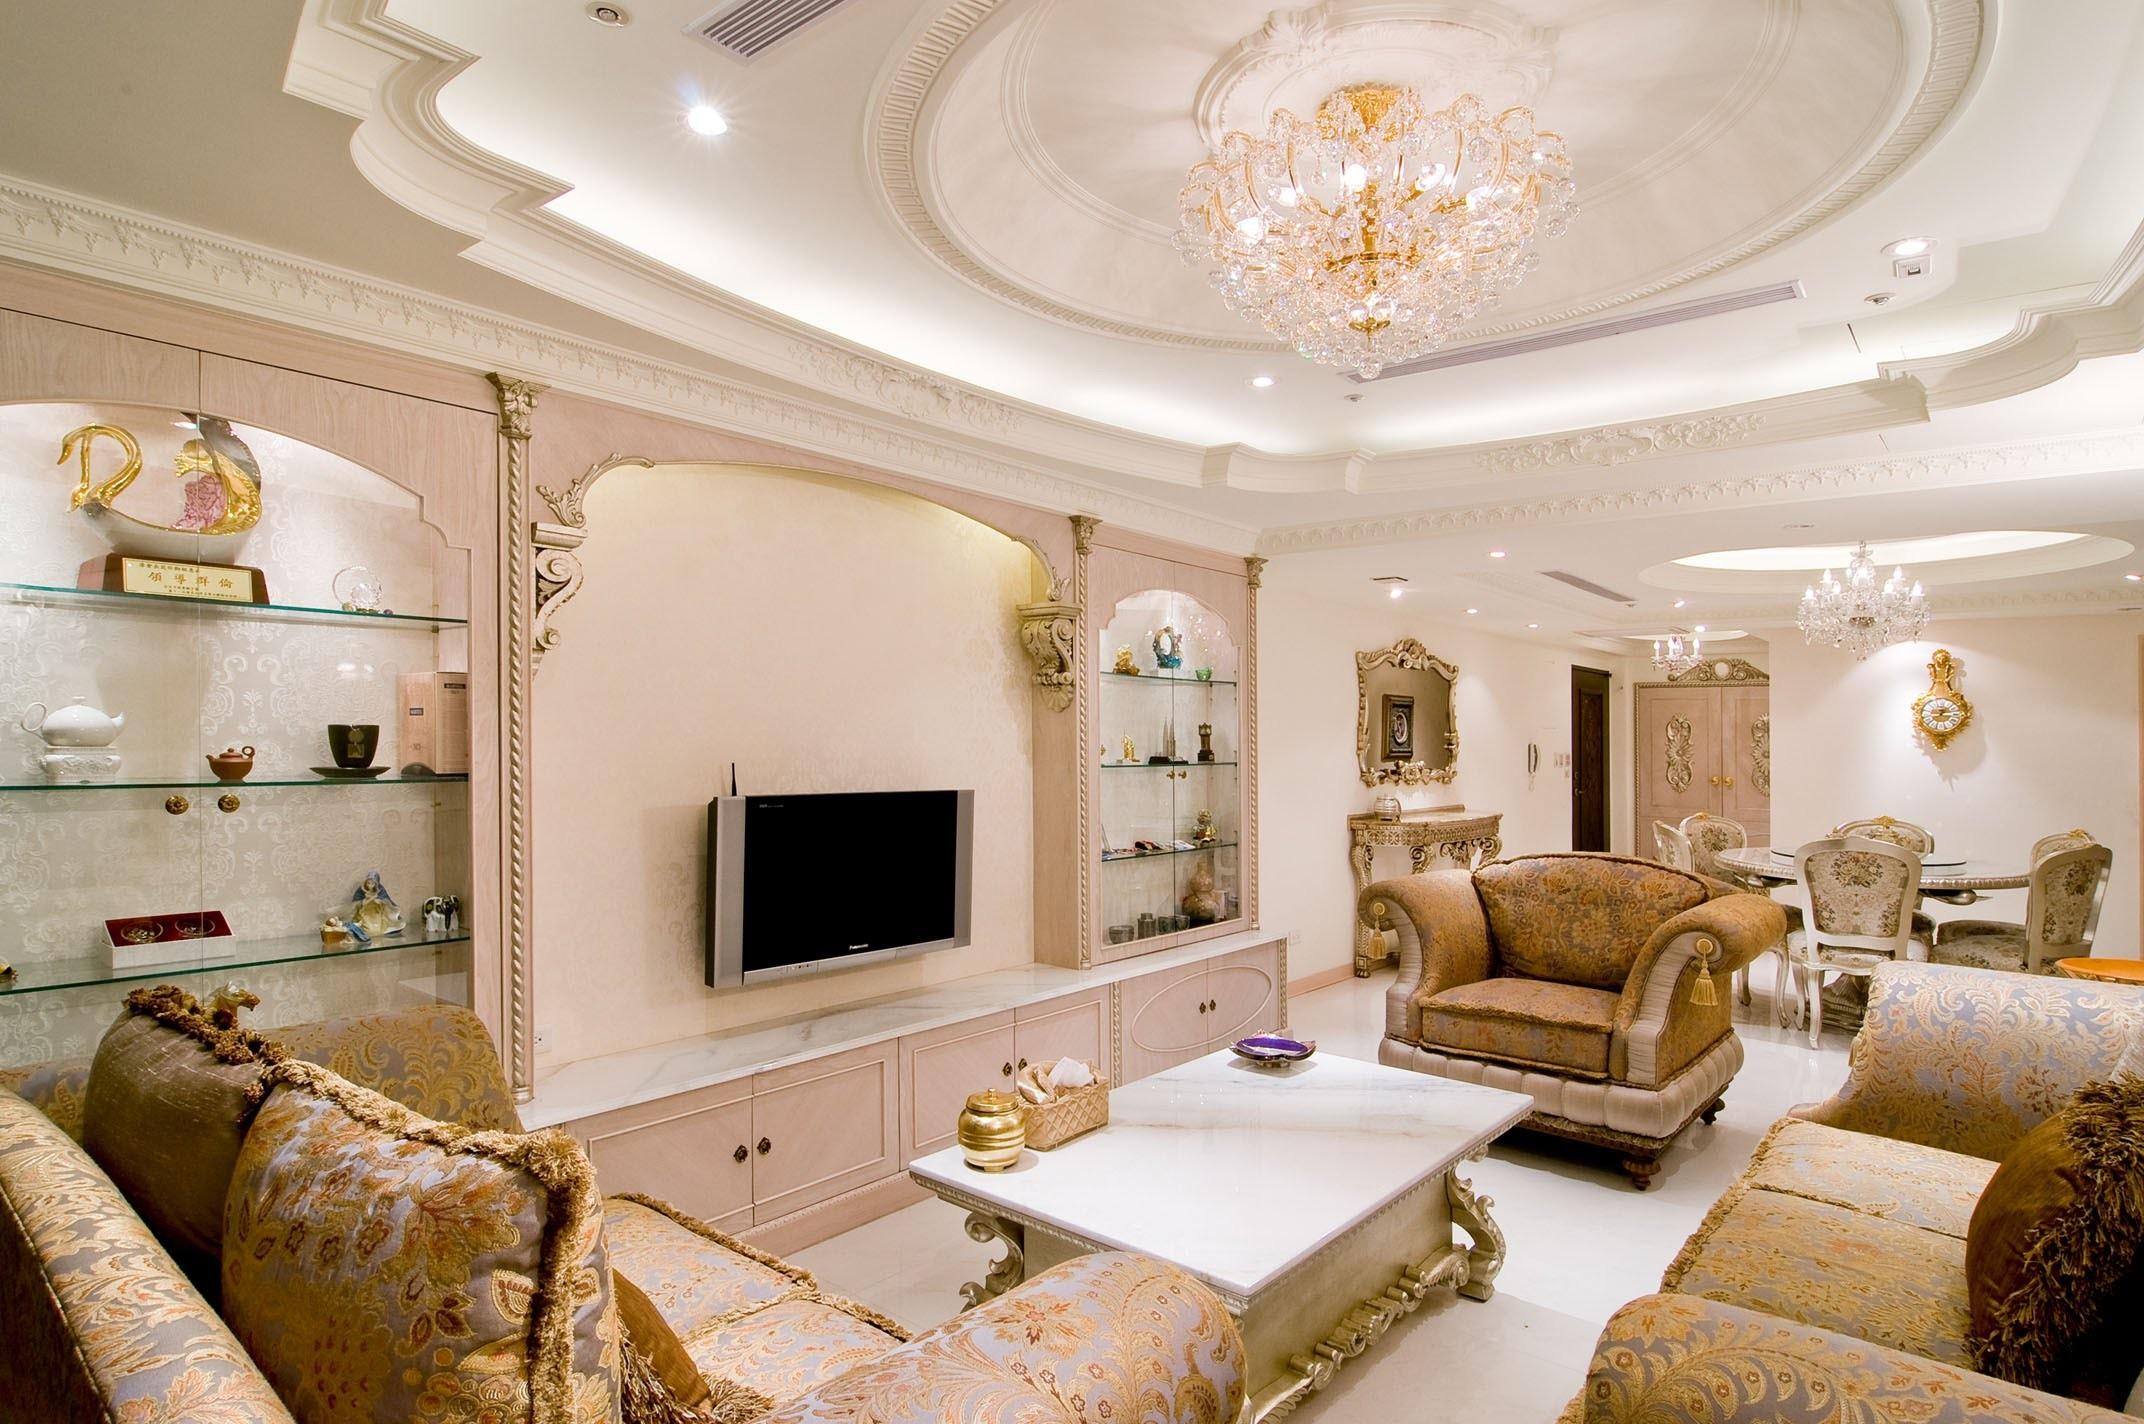 красивые потолки фото для гостиная ютуб давайте, вдаваясь